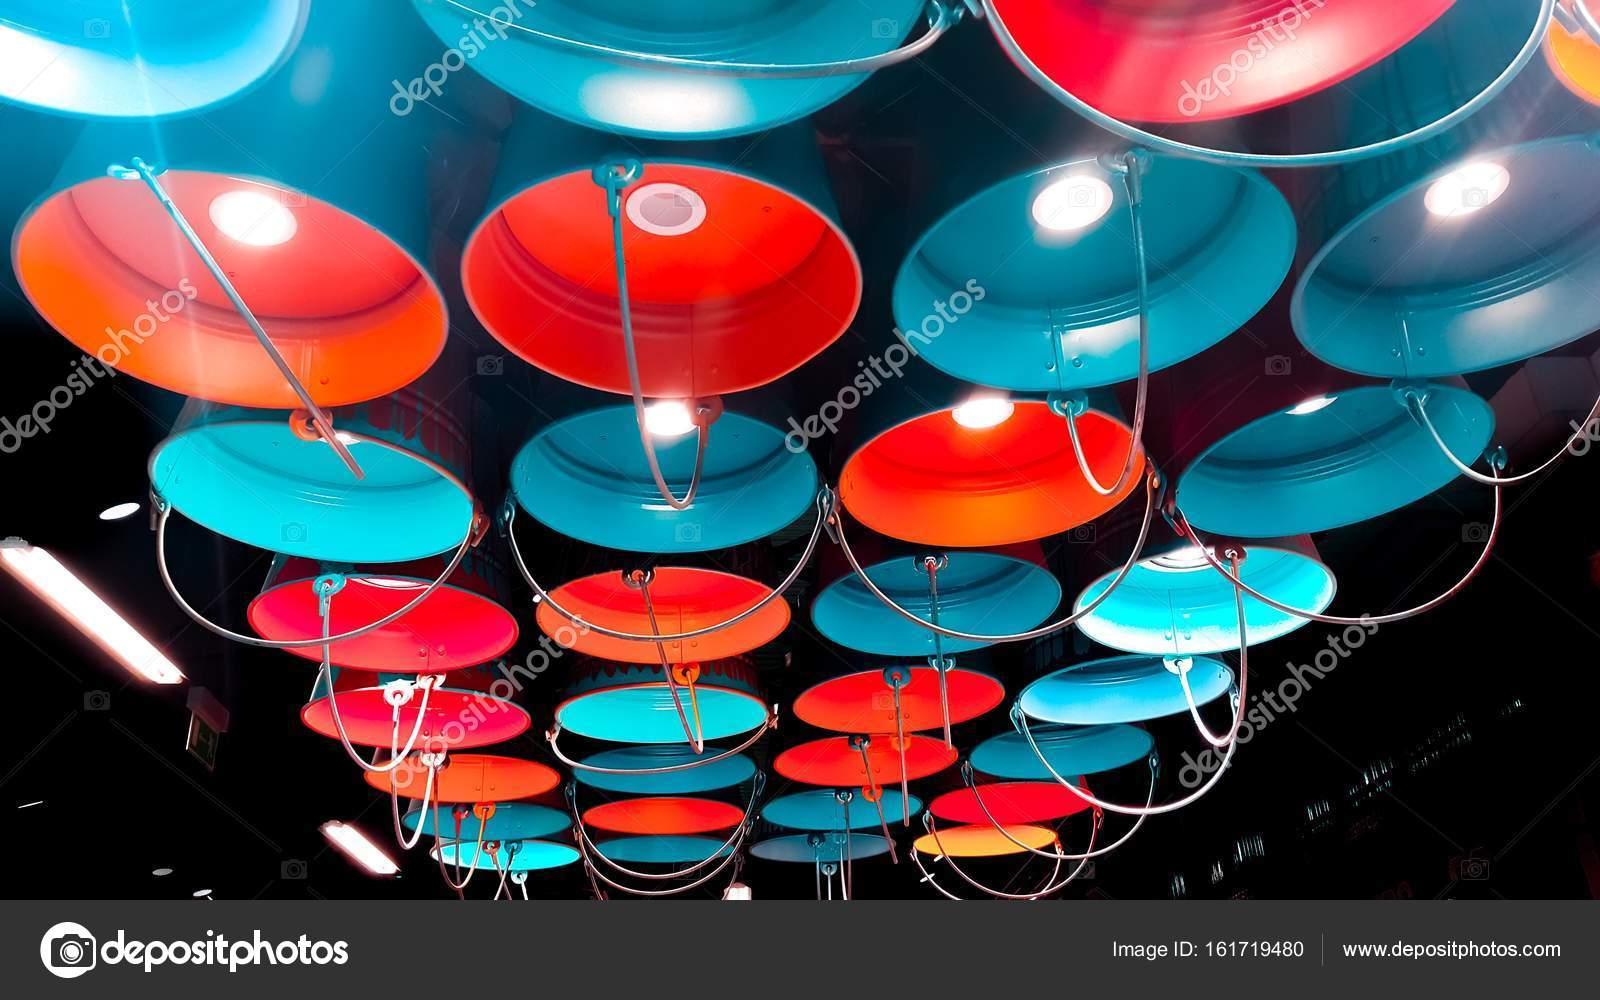 Lampada Barattolo Vernice : Secchi di vernice con vari colori lampade decorative sotto forma